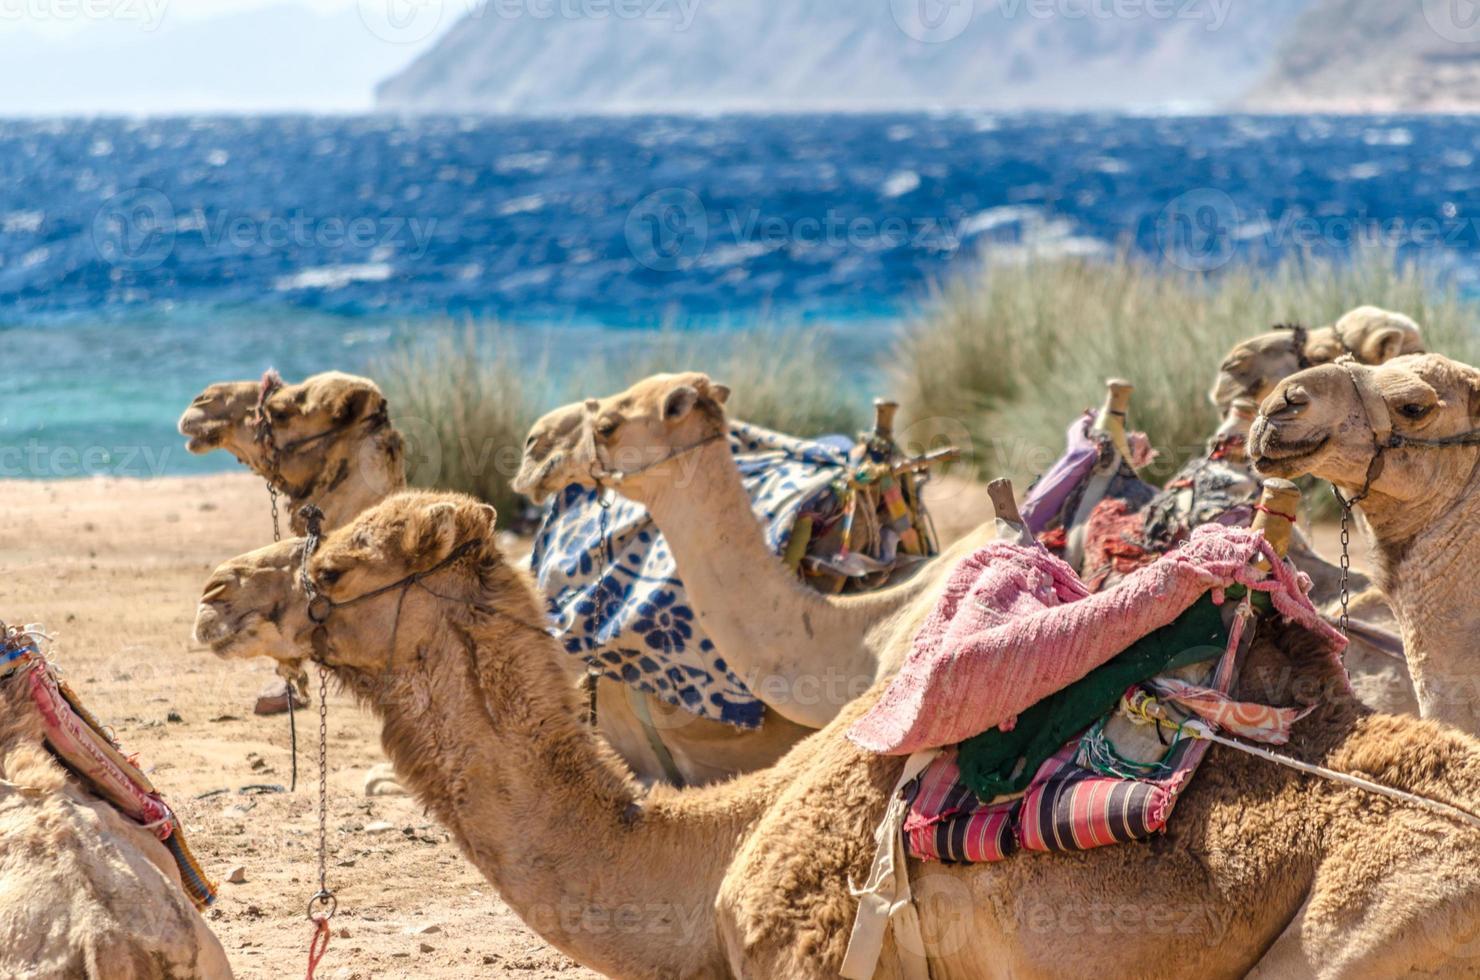 groupe de chameaux près de la mer photo